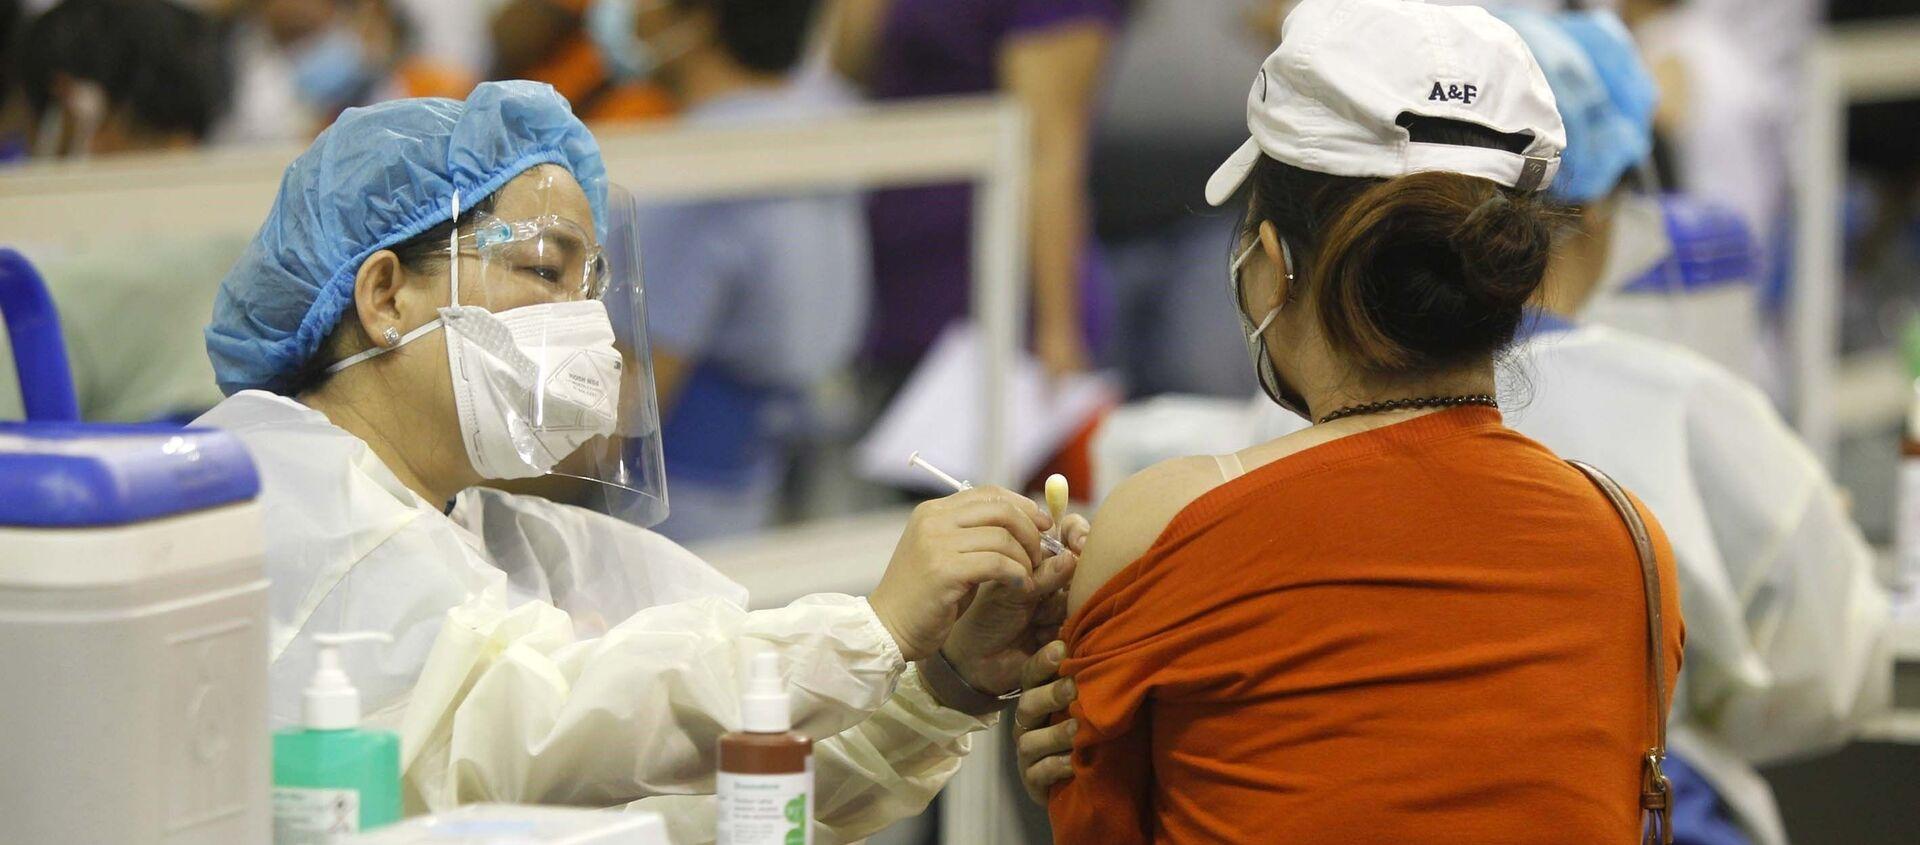 Người lao động Thành phố Hồ Chí Minh được tiêm vaccine phòng COVID-19. - Sputnik Việt Nam, 1920, 06.07.2021